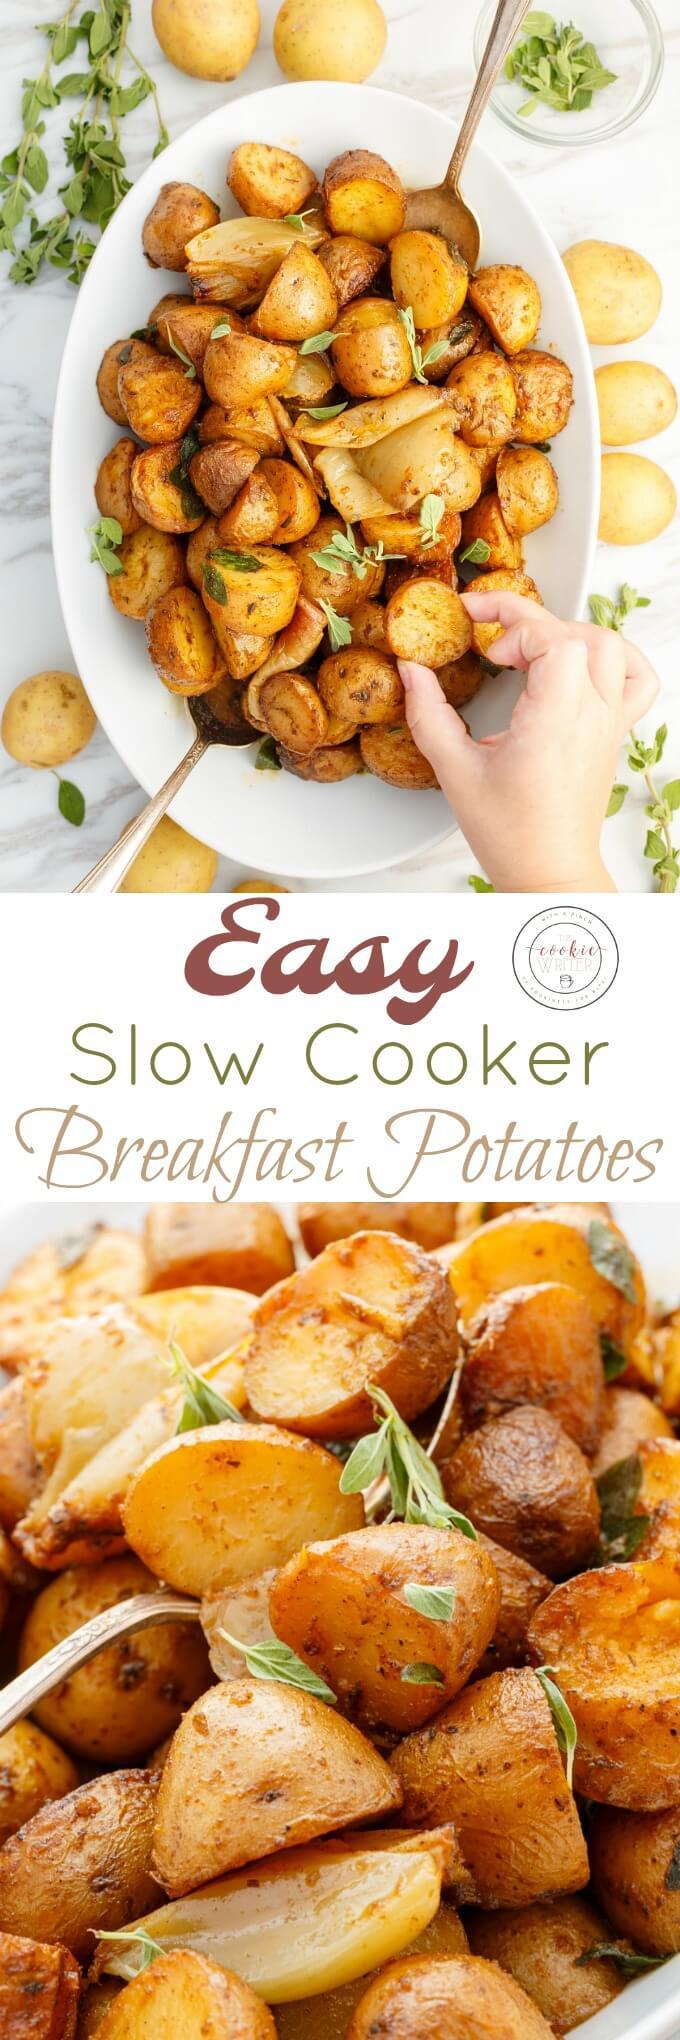 Slow Cooker Breakfast Potatoes  Easy Slow Cooker Breakfast Potatoes The Cookie Writer